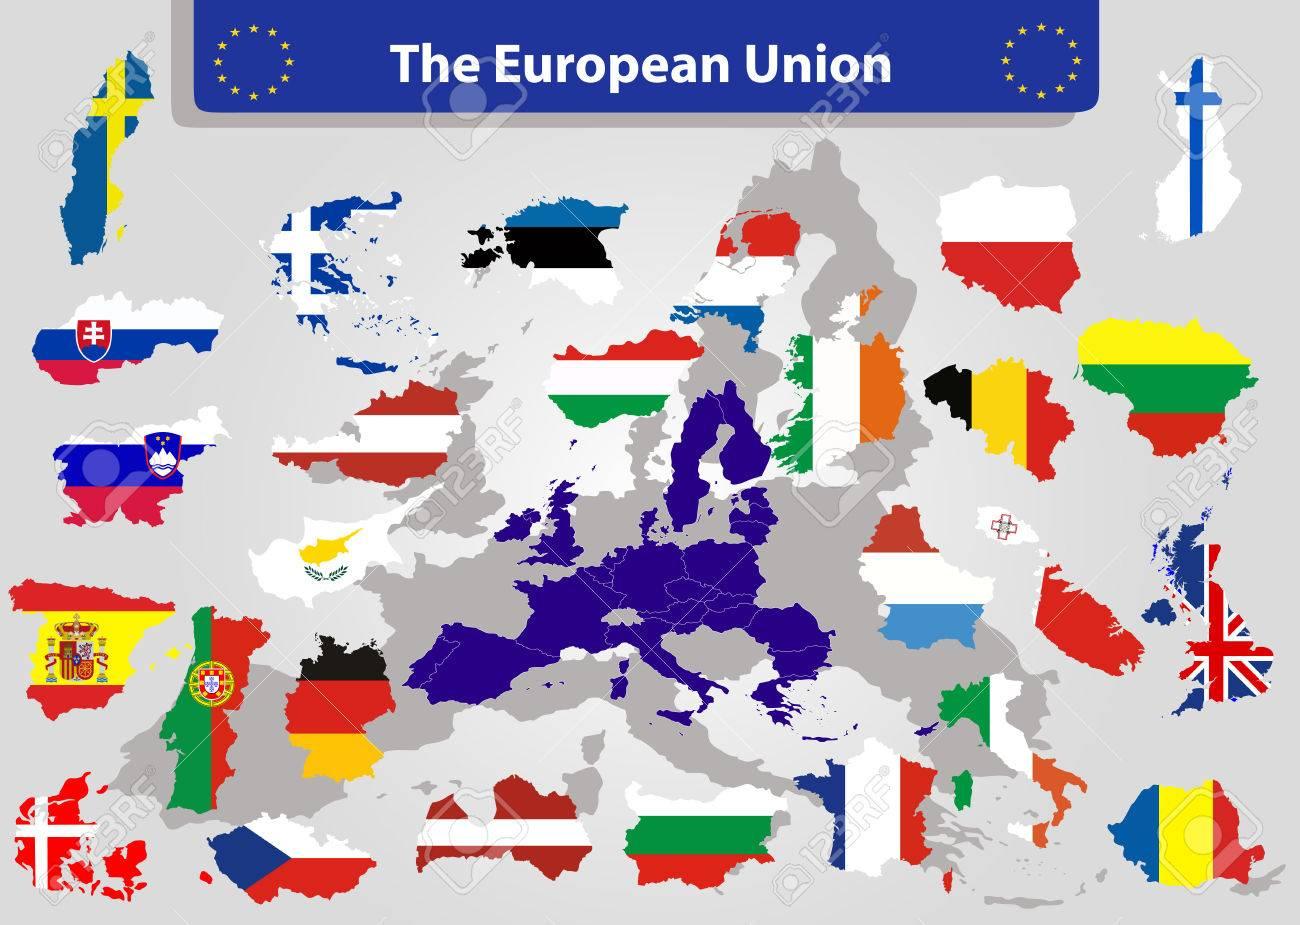 La Carte De L'union Européenne Et Tous Les Pays Drapeaux Des Pays Membres  De L'union Européenne Superposées Sur Fond De Carte dedans Pays Union Européenne Liste